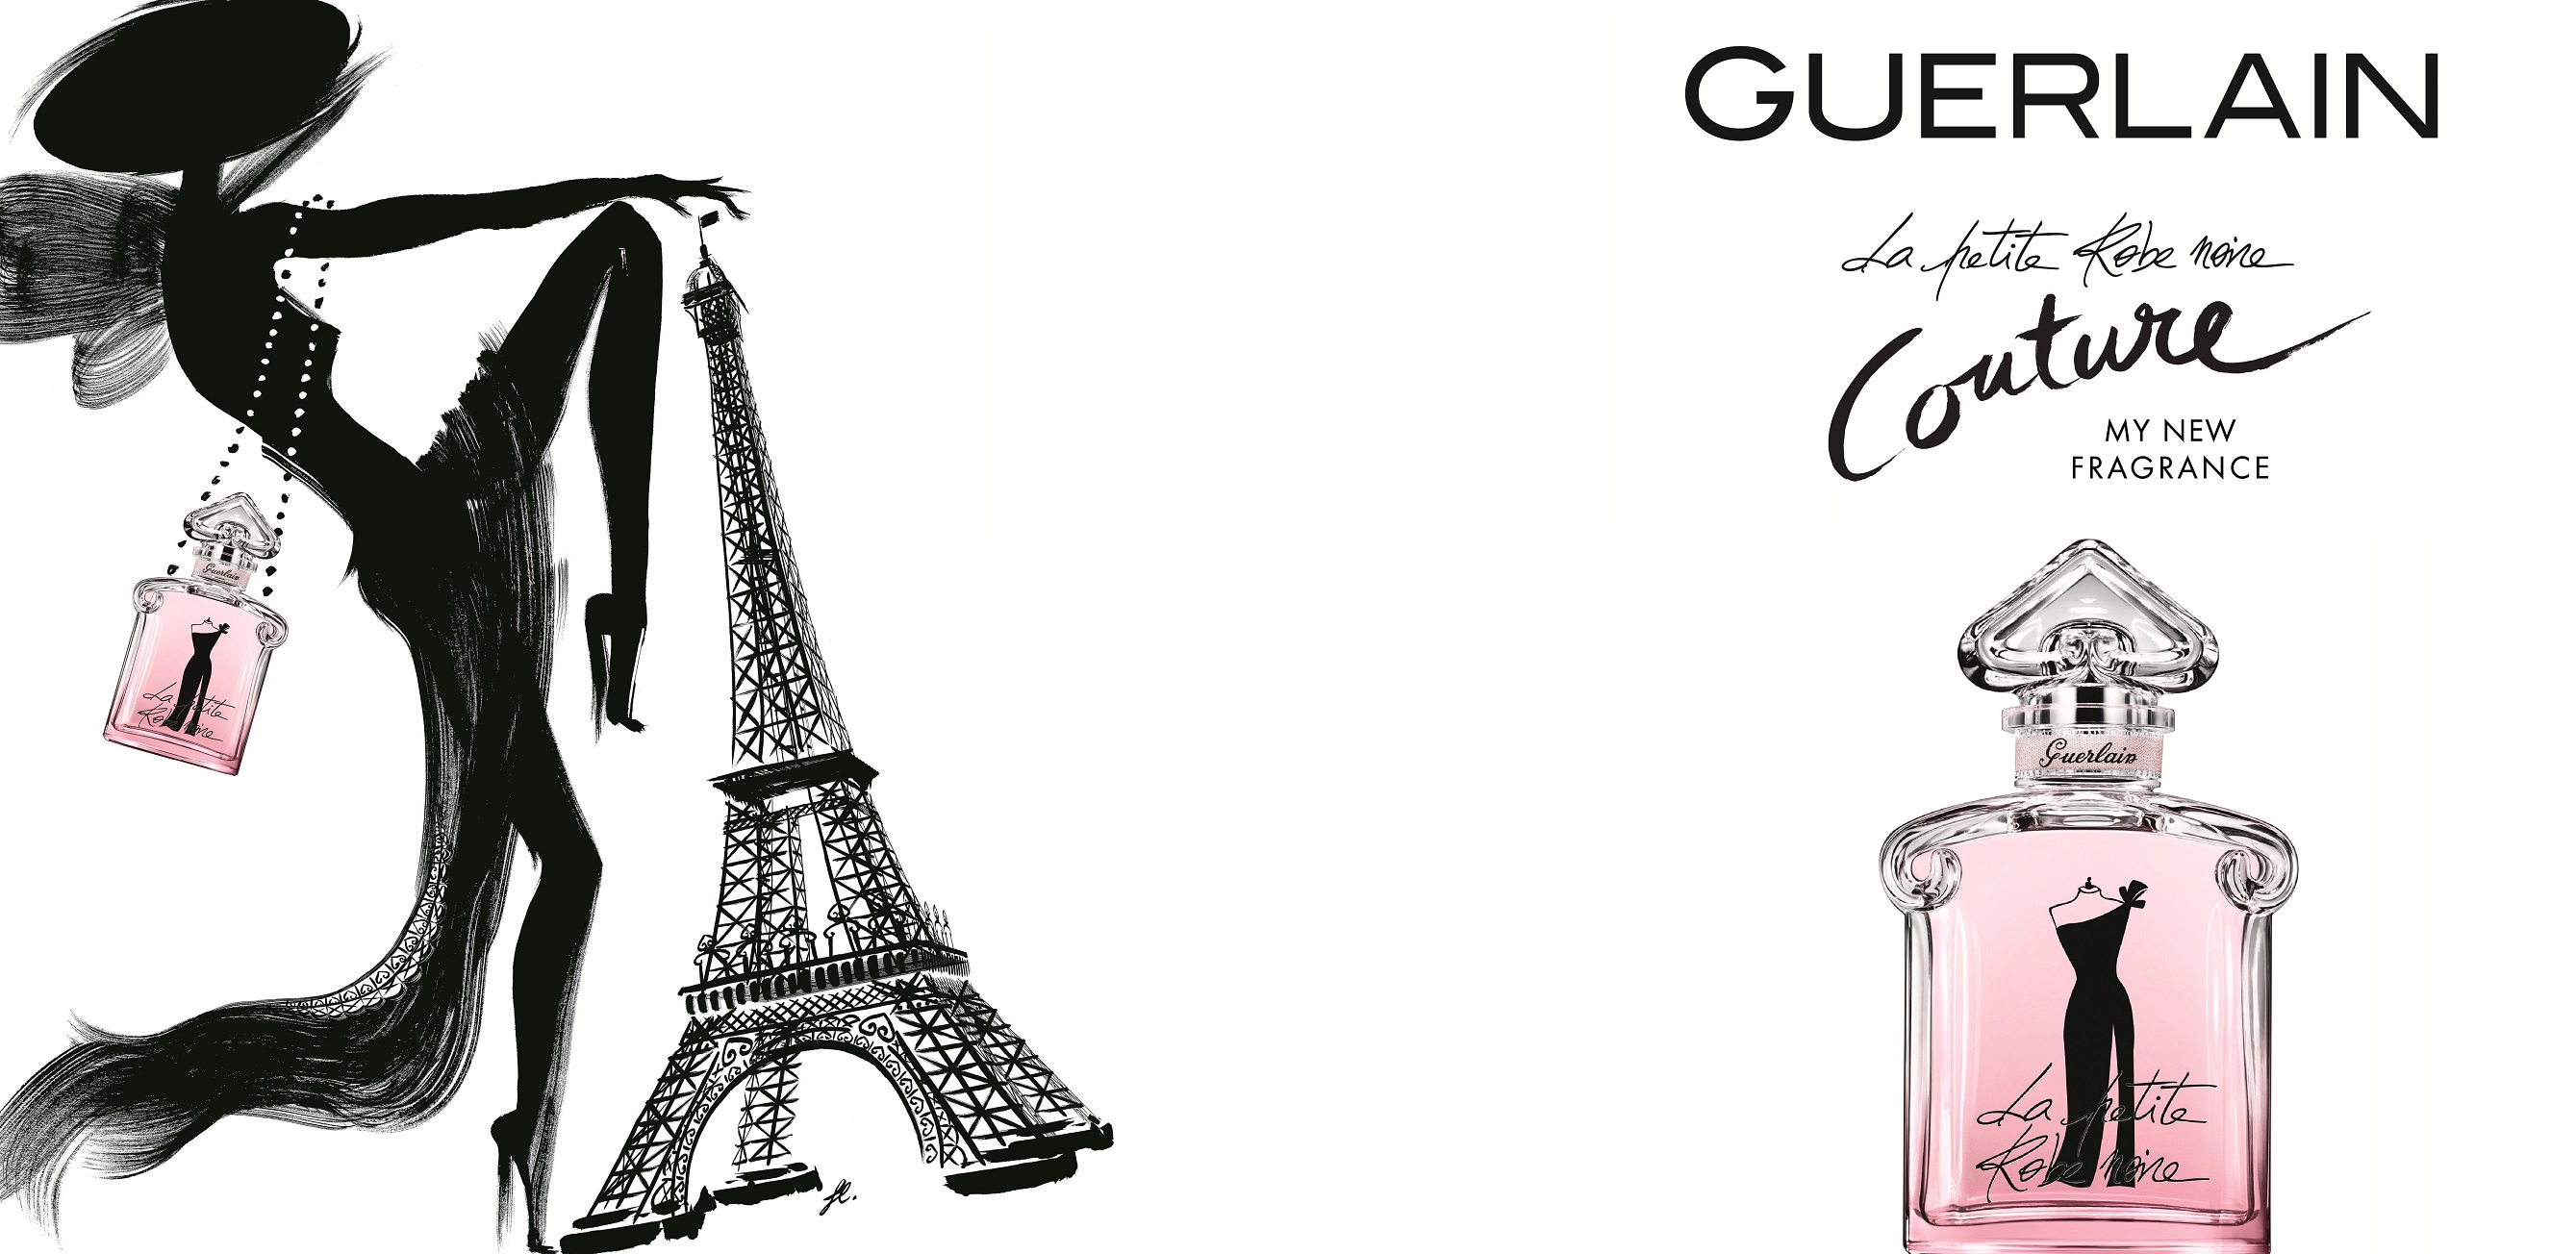 La Petite Robe Noire De Guerlain Avis Sur Ce Parfum